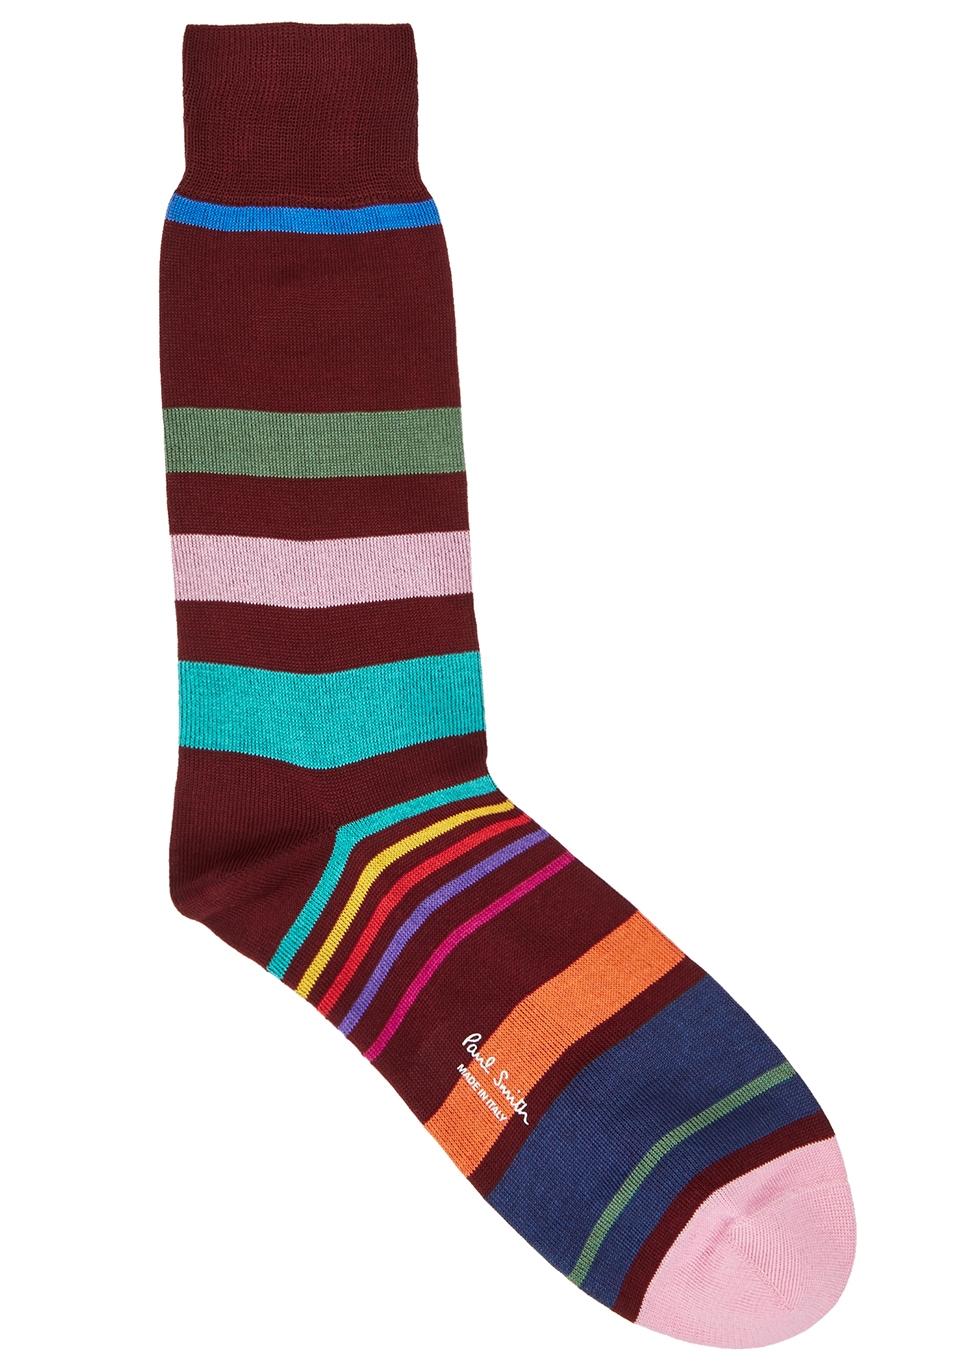 Teaser burgundy cotton-blend socks - Paul Smith